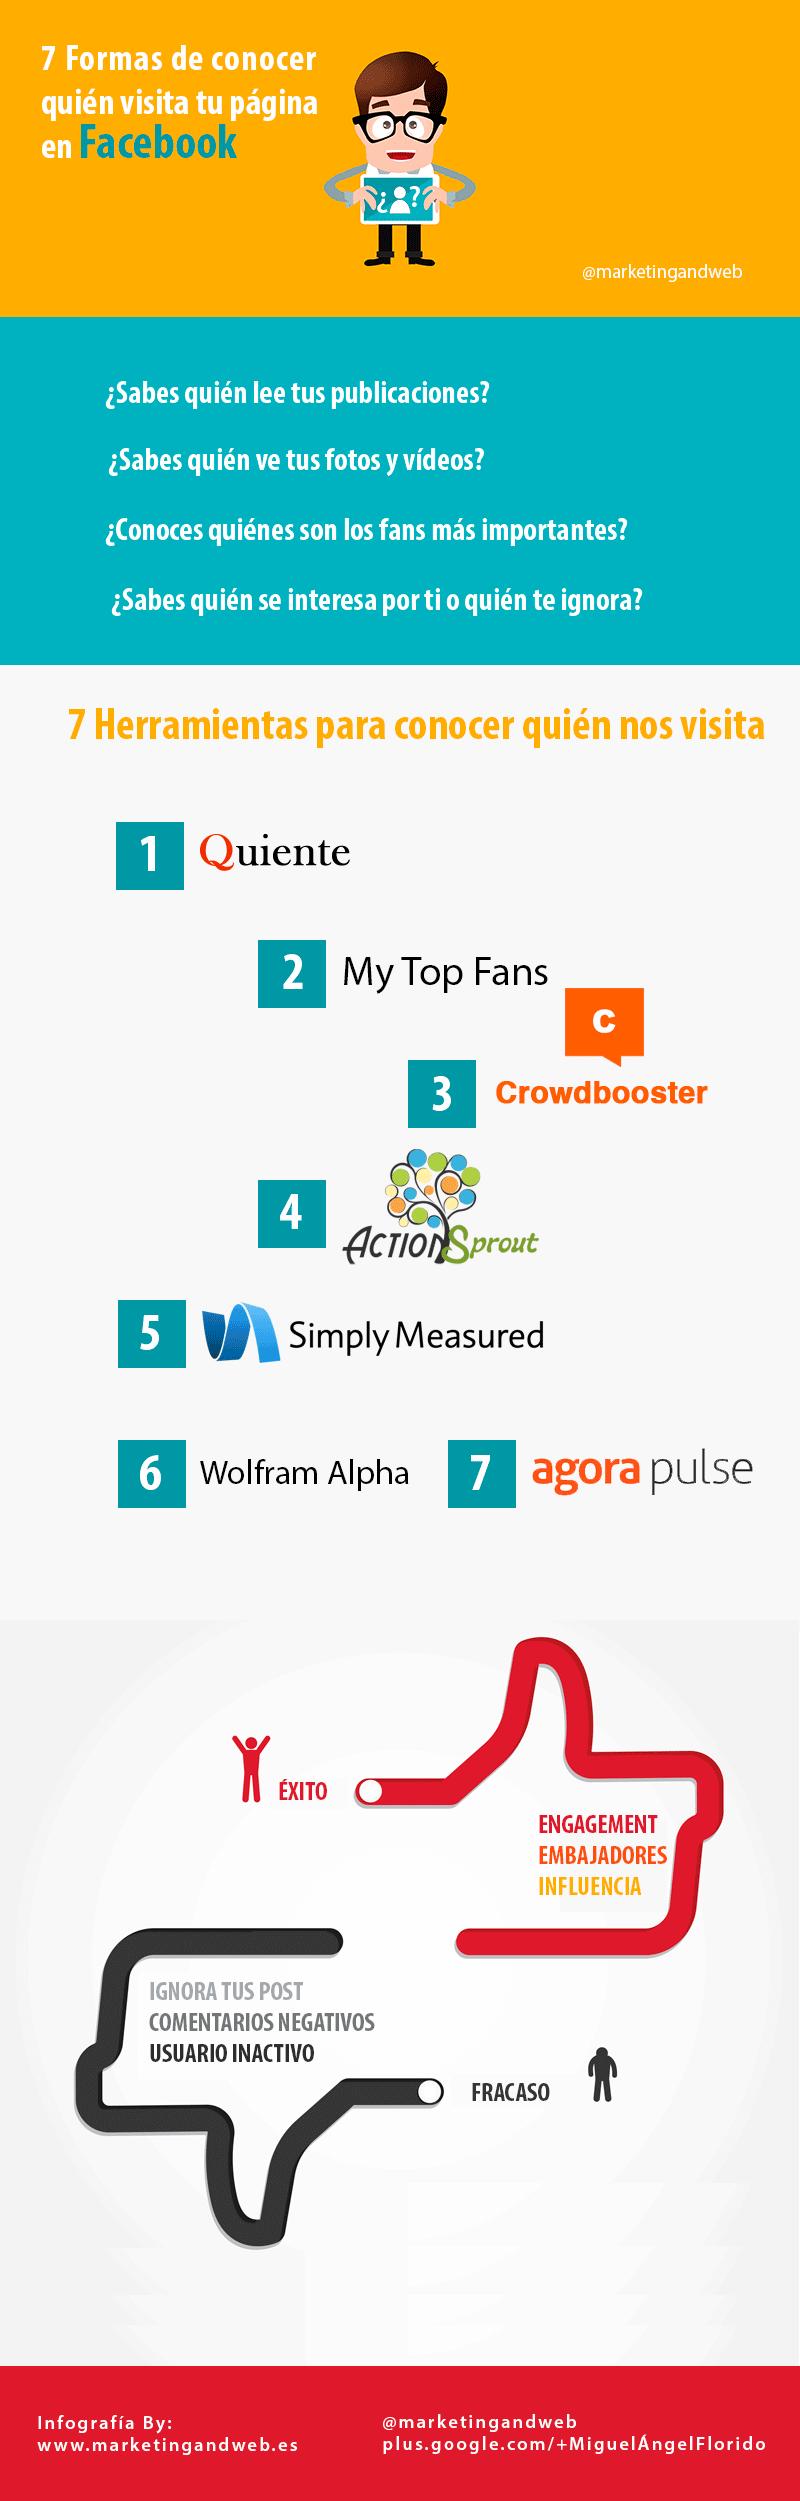 7 formas de conocer quién nos visita en facebook infografía